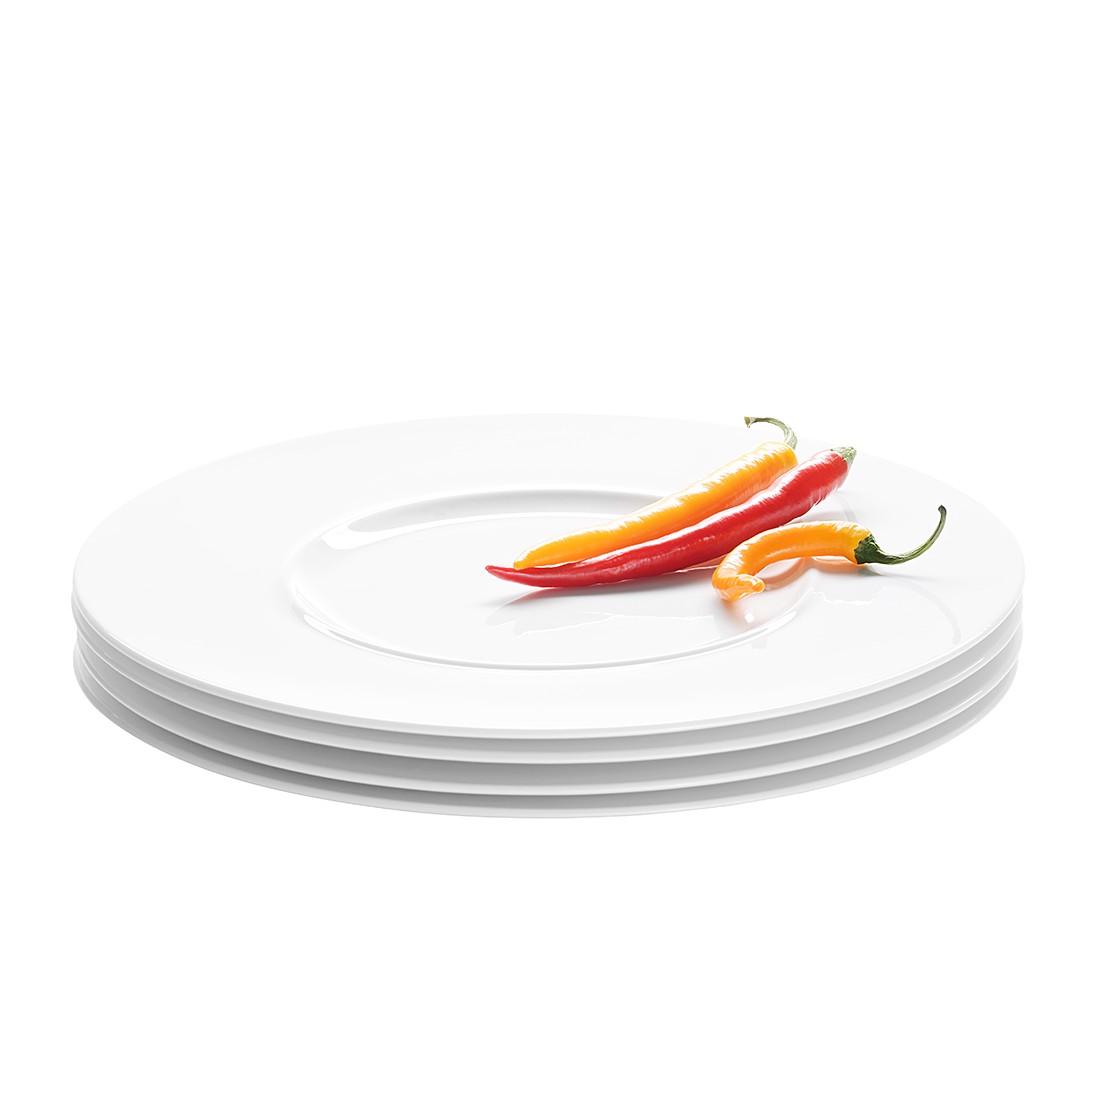 Gourmetteller Dace (4er-Set), Mäser günstig online kaufen